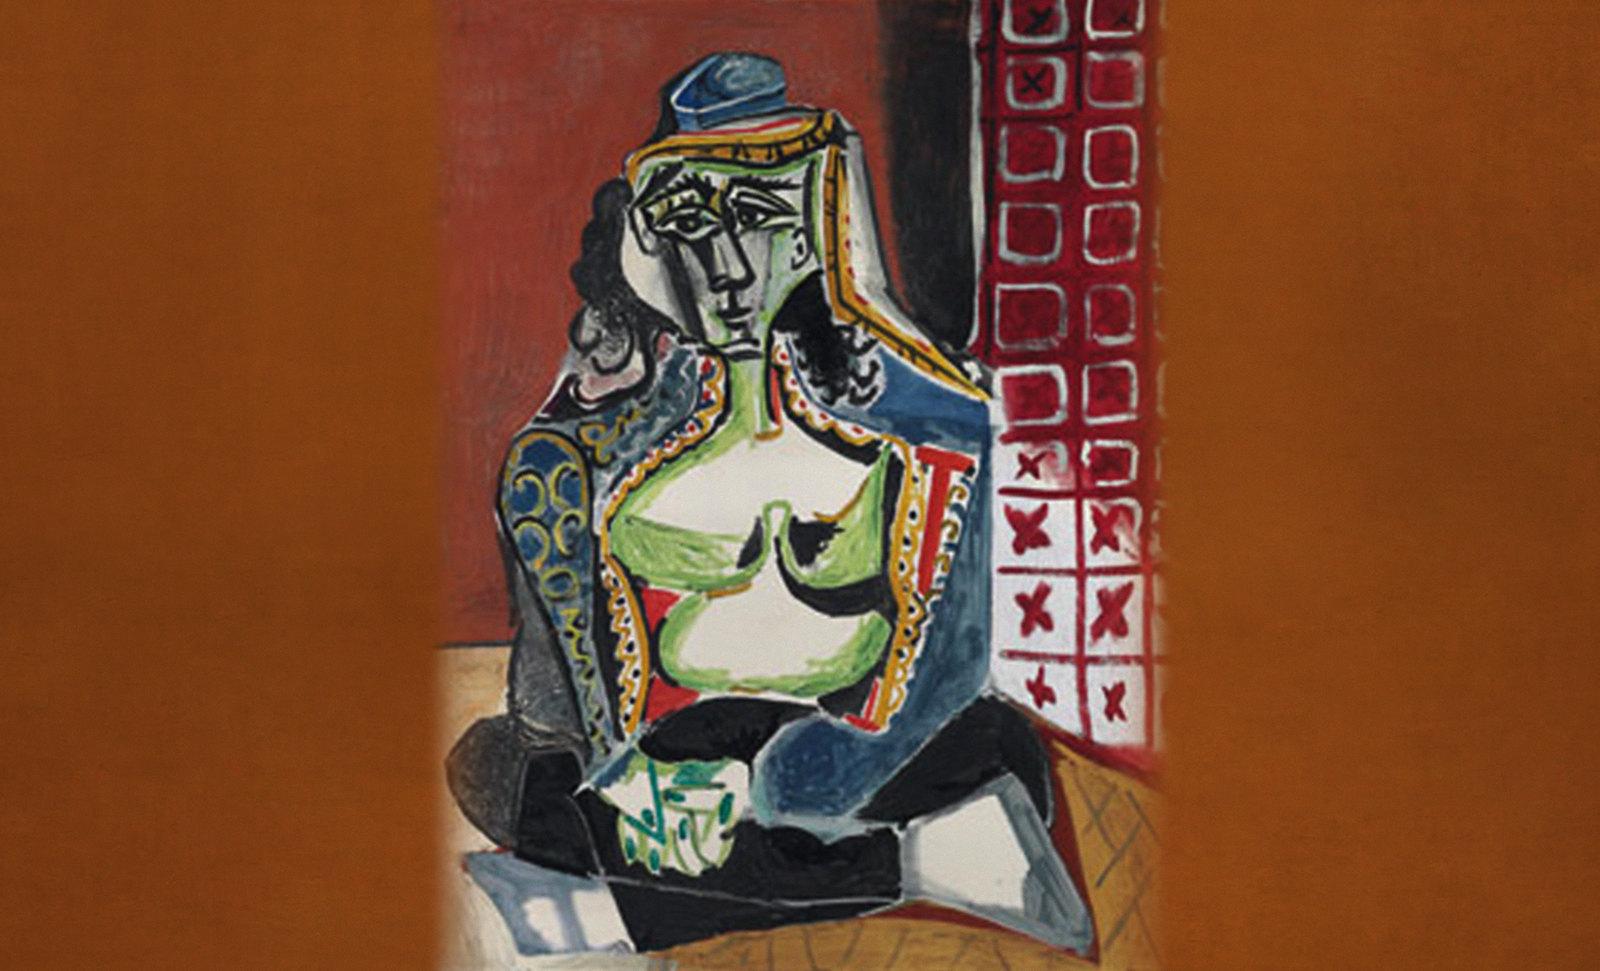 Gineceo (Mujeres de Argel) remembranza de Eugéne Delacroix (1834), versiones de metapárafrasis de Pablo Picasso (1955).